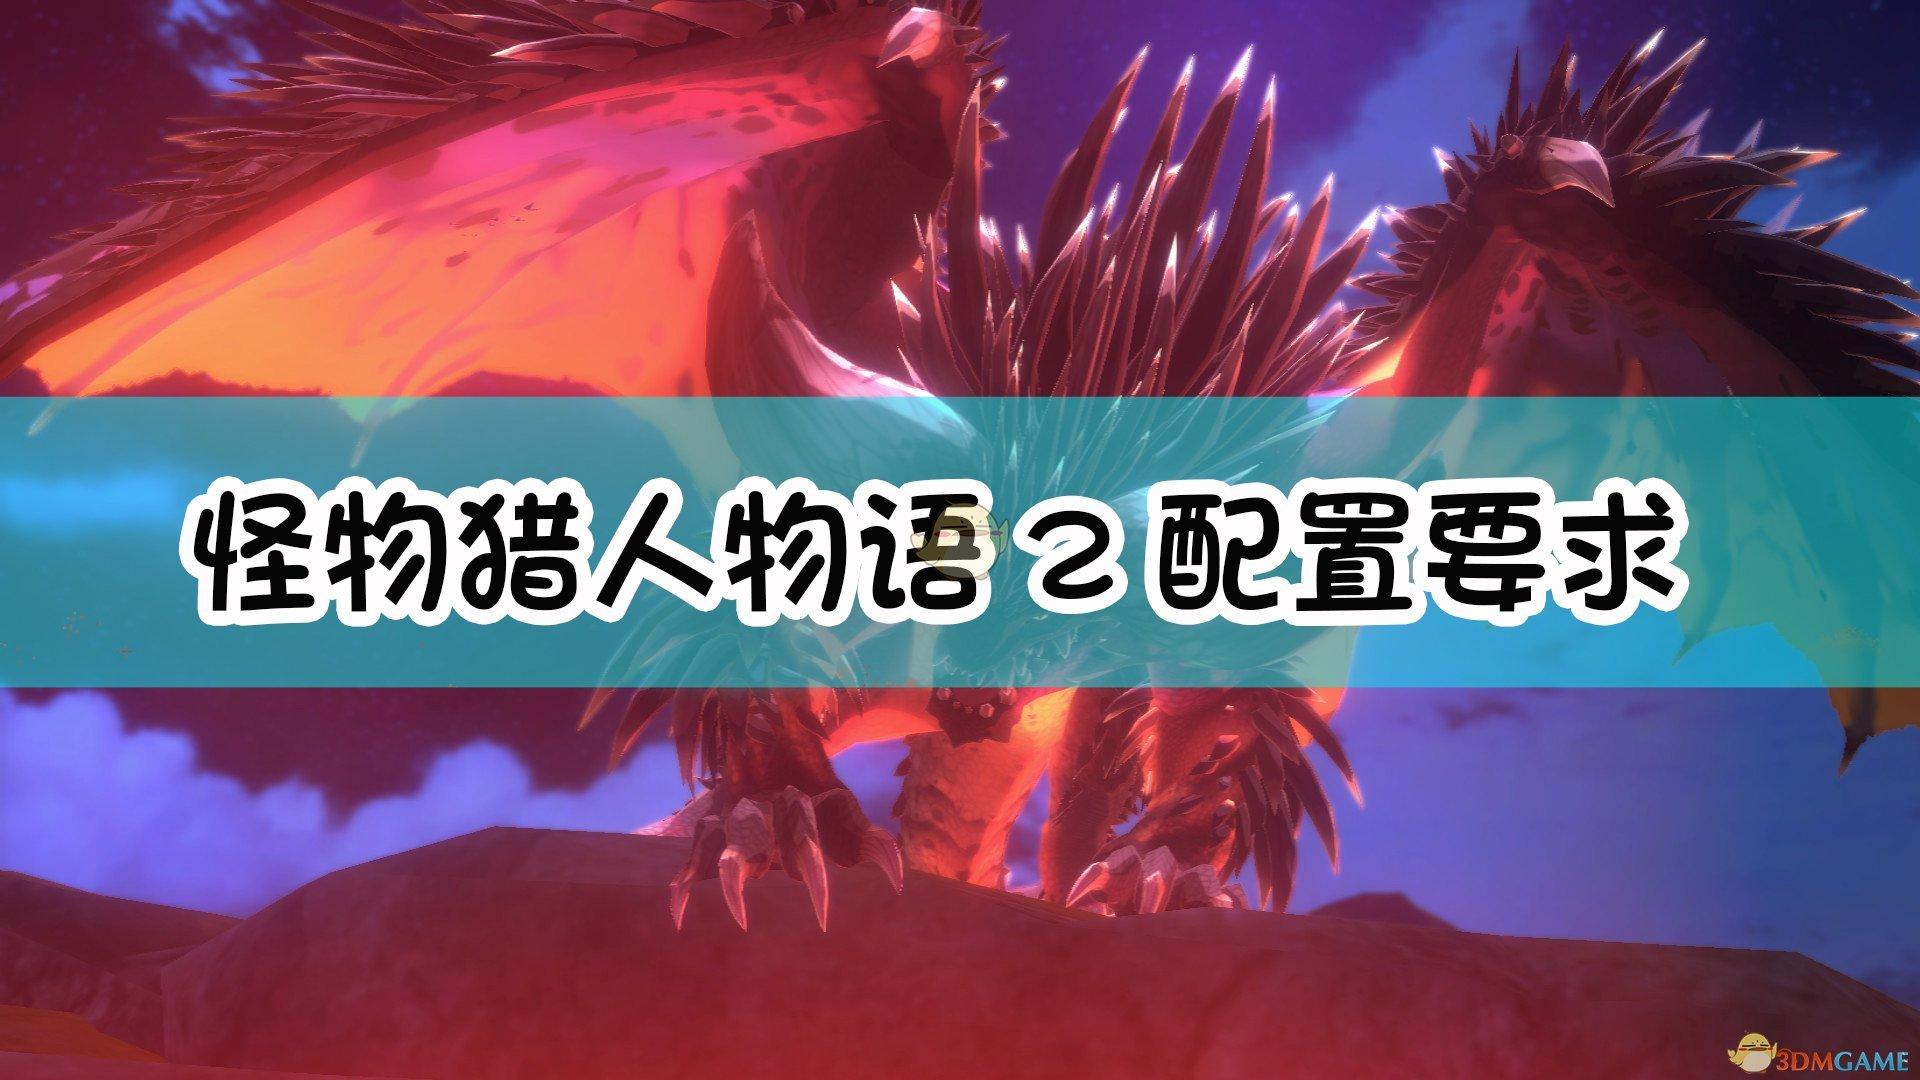 《怪物猎人物语2:毁灭之翼》配置要求一览表